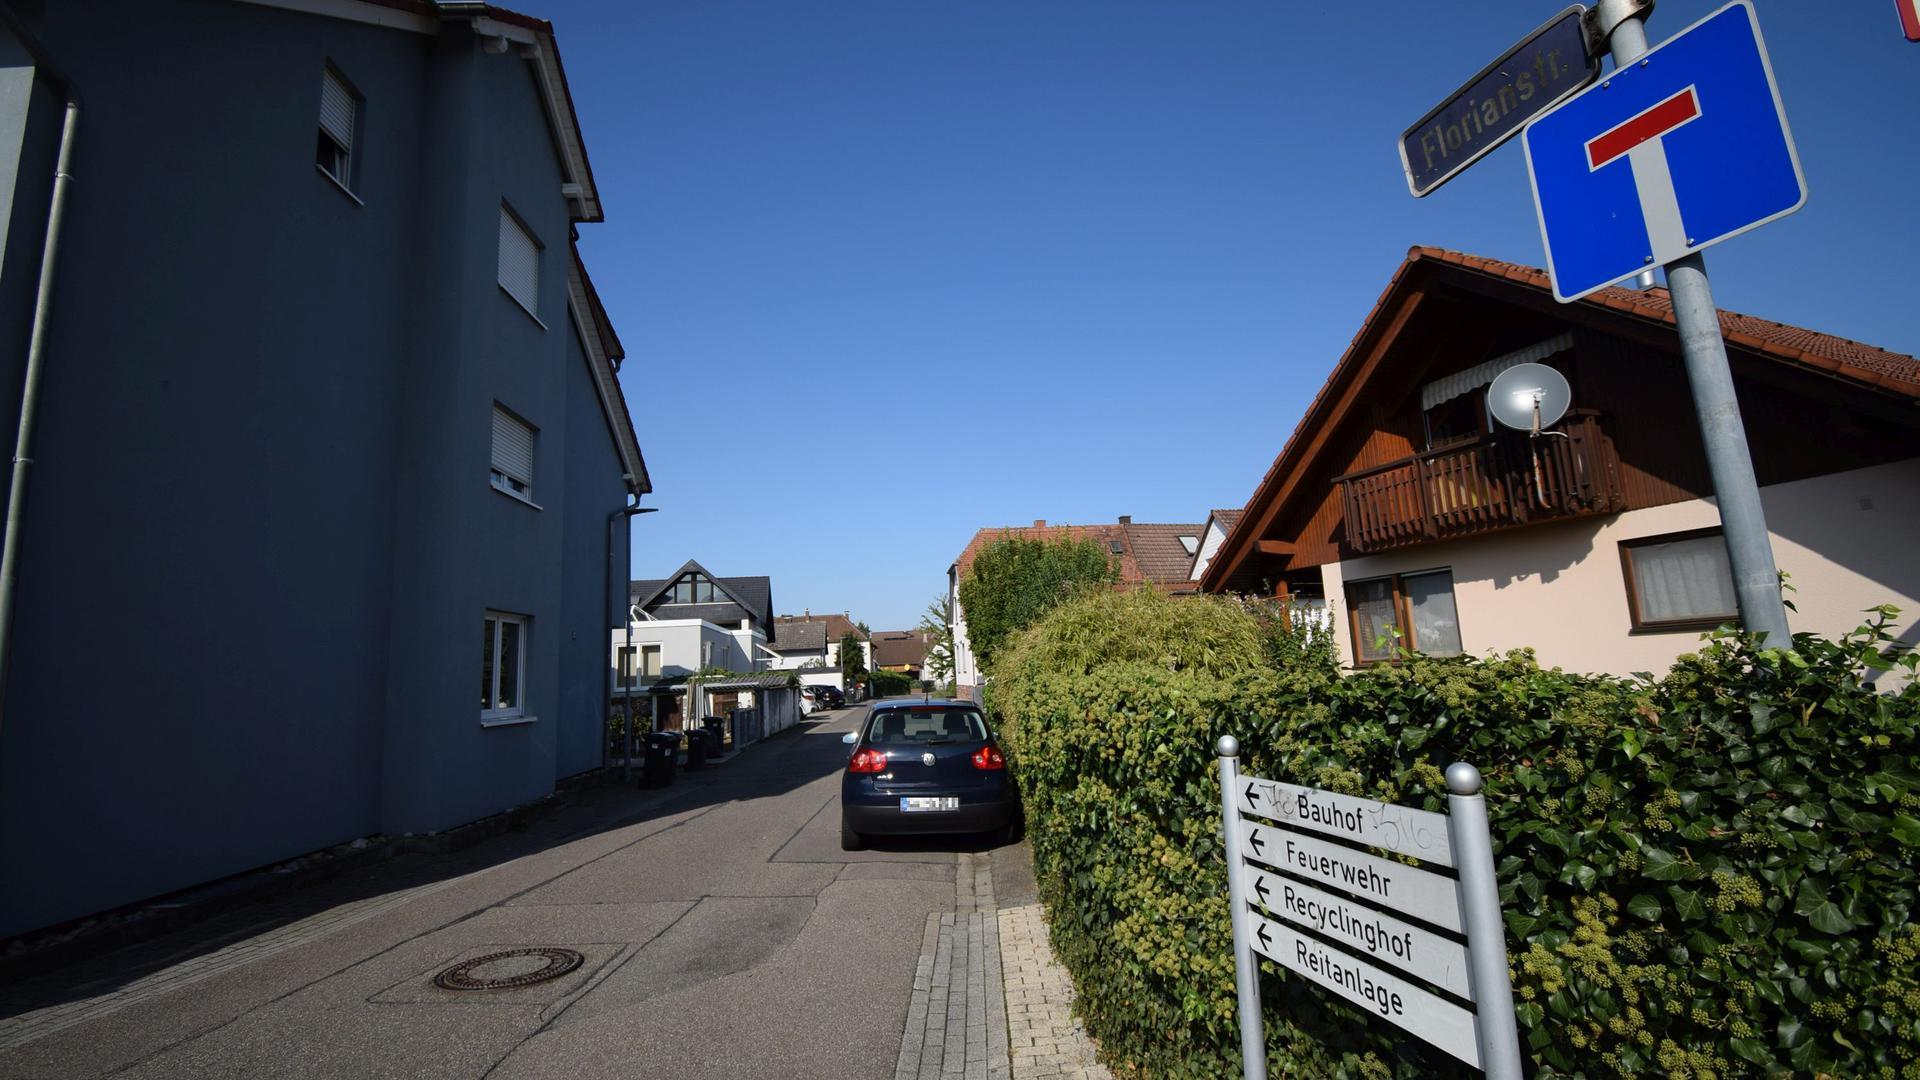 Baugebiet: In der Florianstraße und der angrenzenden Neuwiesenstraße soll auf den vorhandenen freien Flächen Wohnraum geschaffen werden.